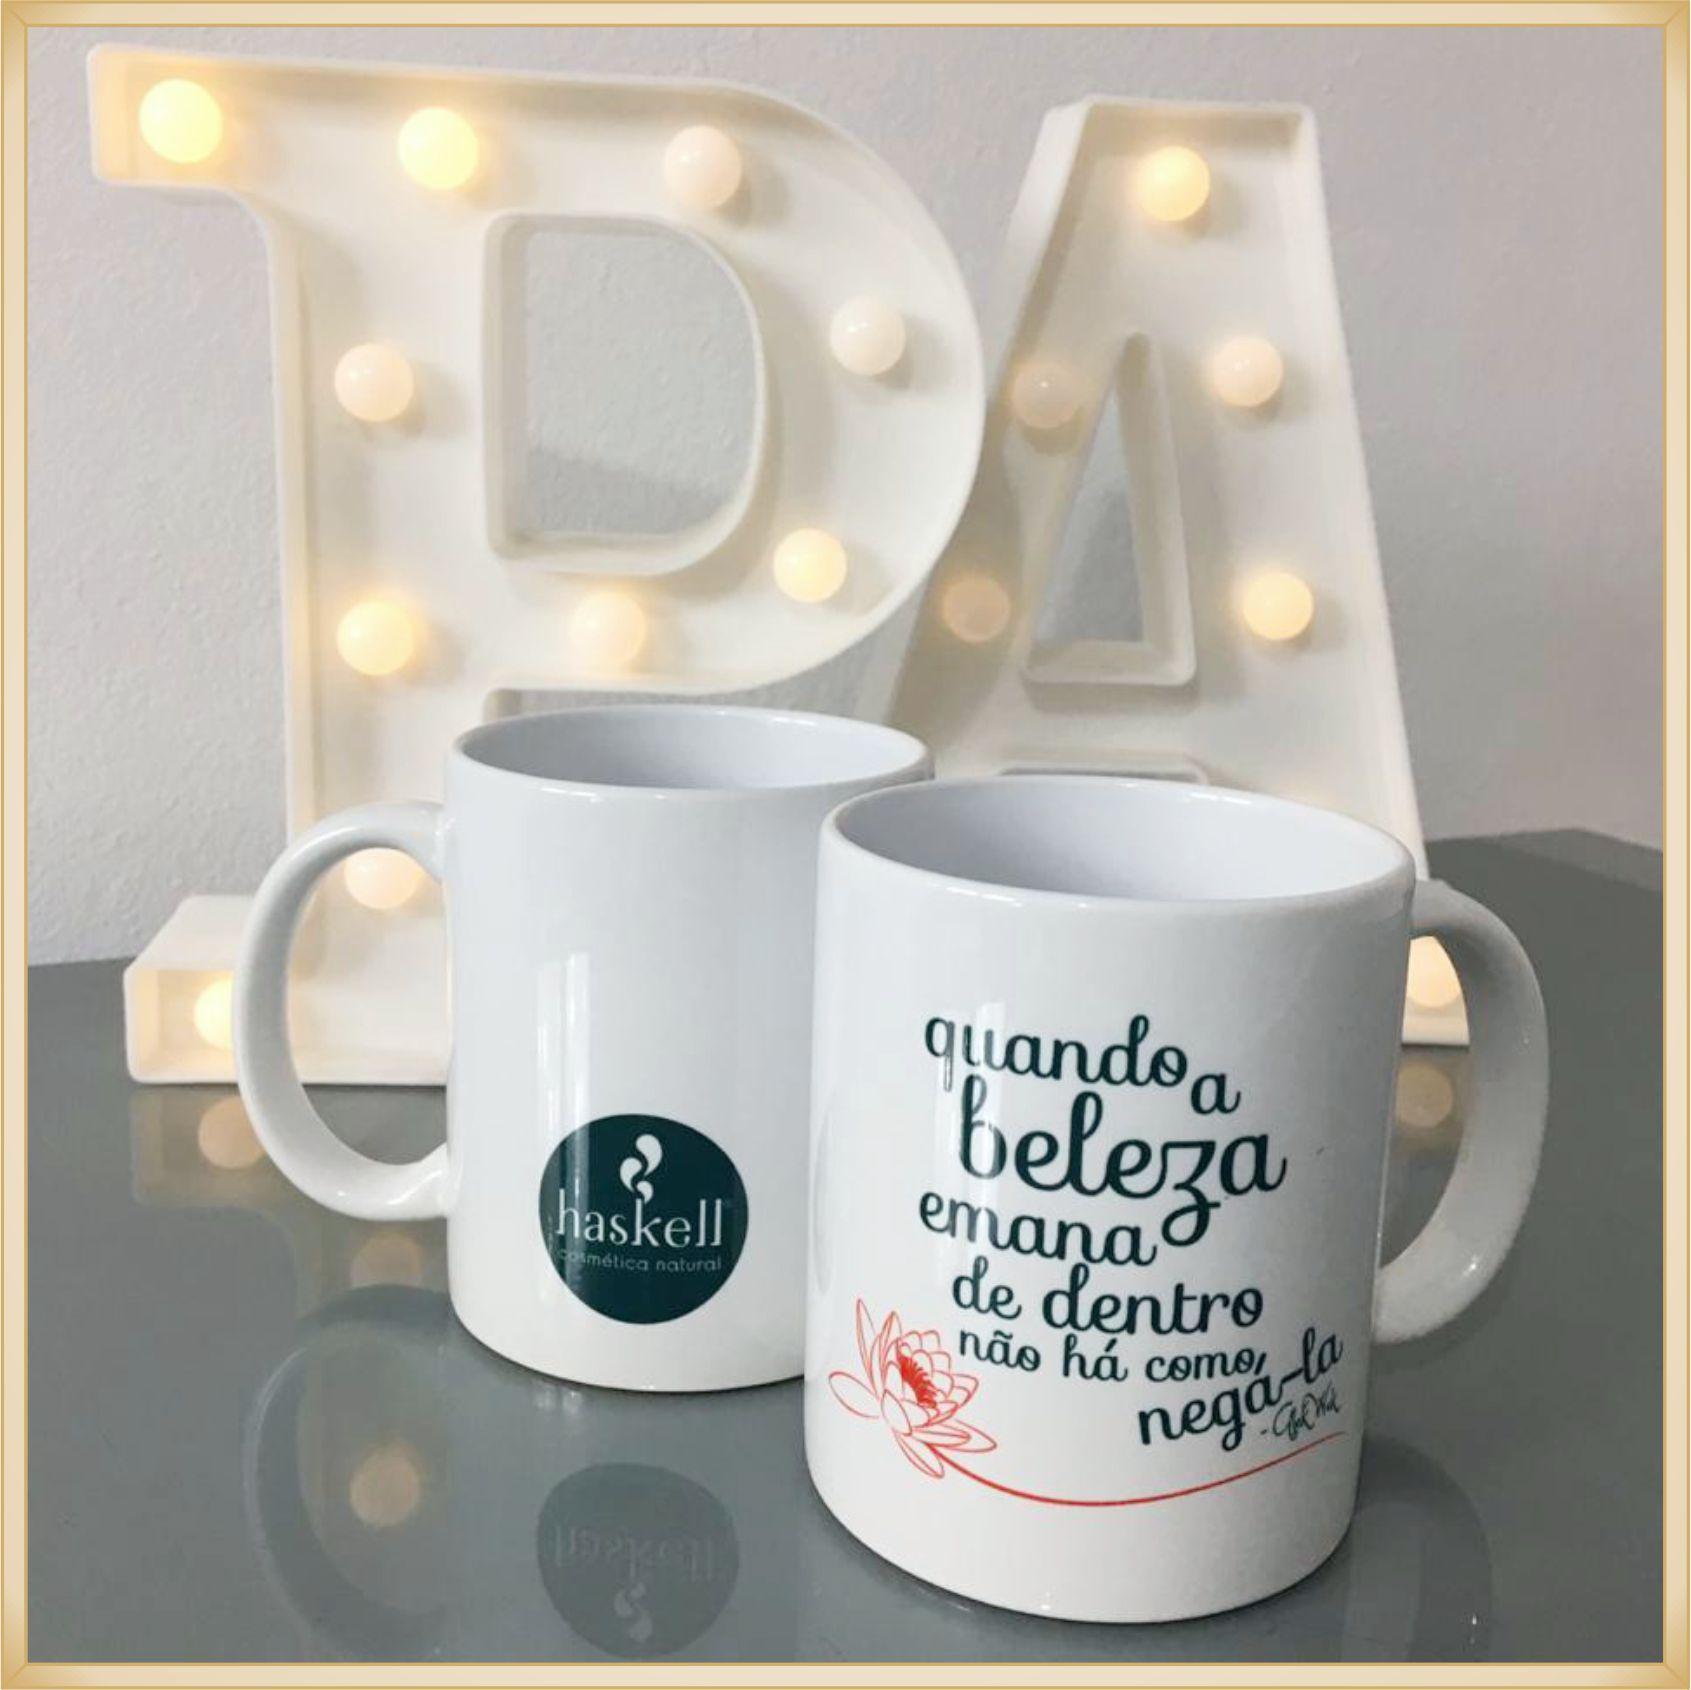 Canecas de porcelana personalizadas empresas clientes - alta qualidade, cores vivas, acabamento perfeito, alças confortáveis, 325 ml. - kit 20 unid.